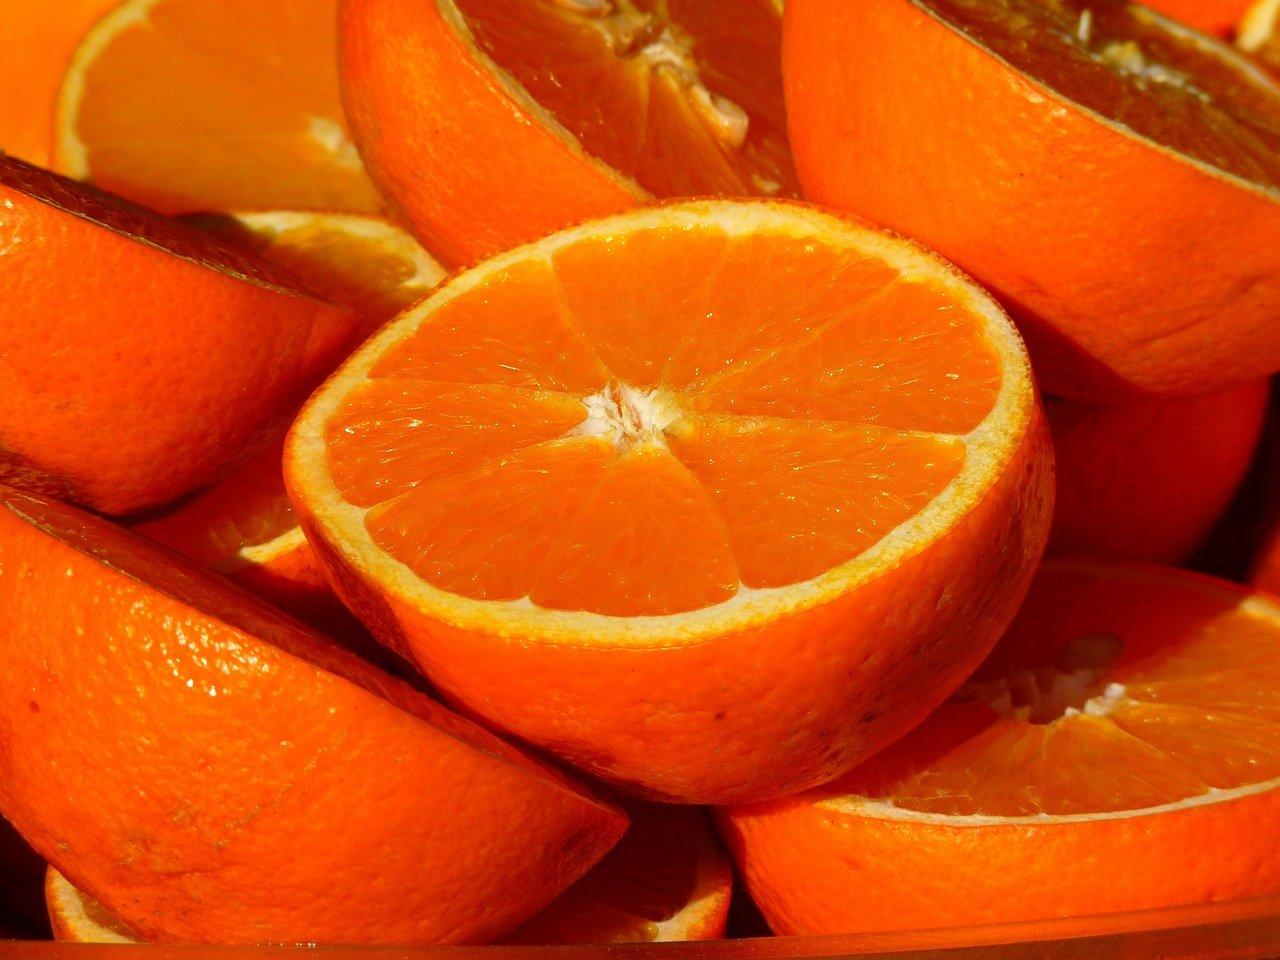 Semana começa com estabilidade nos preços da laranja e do cacau